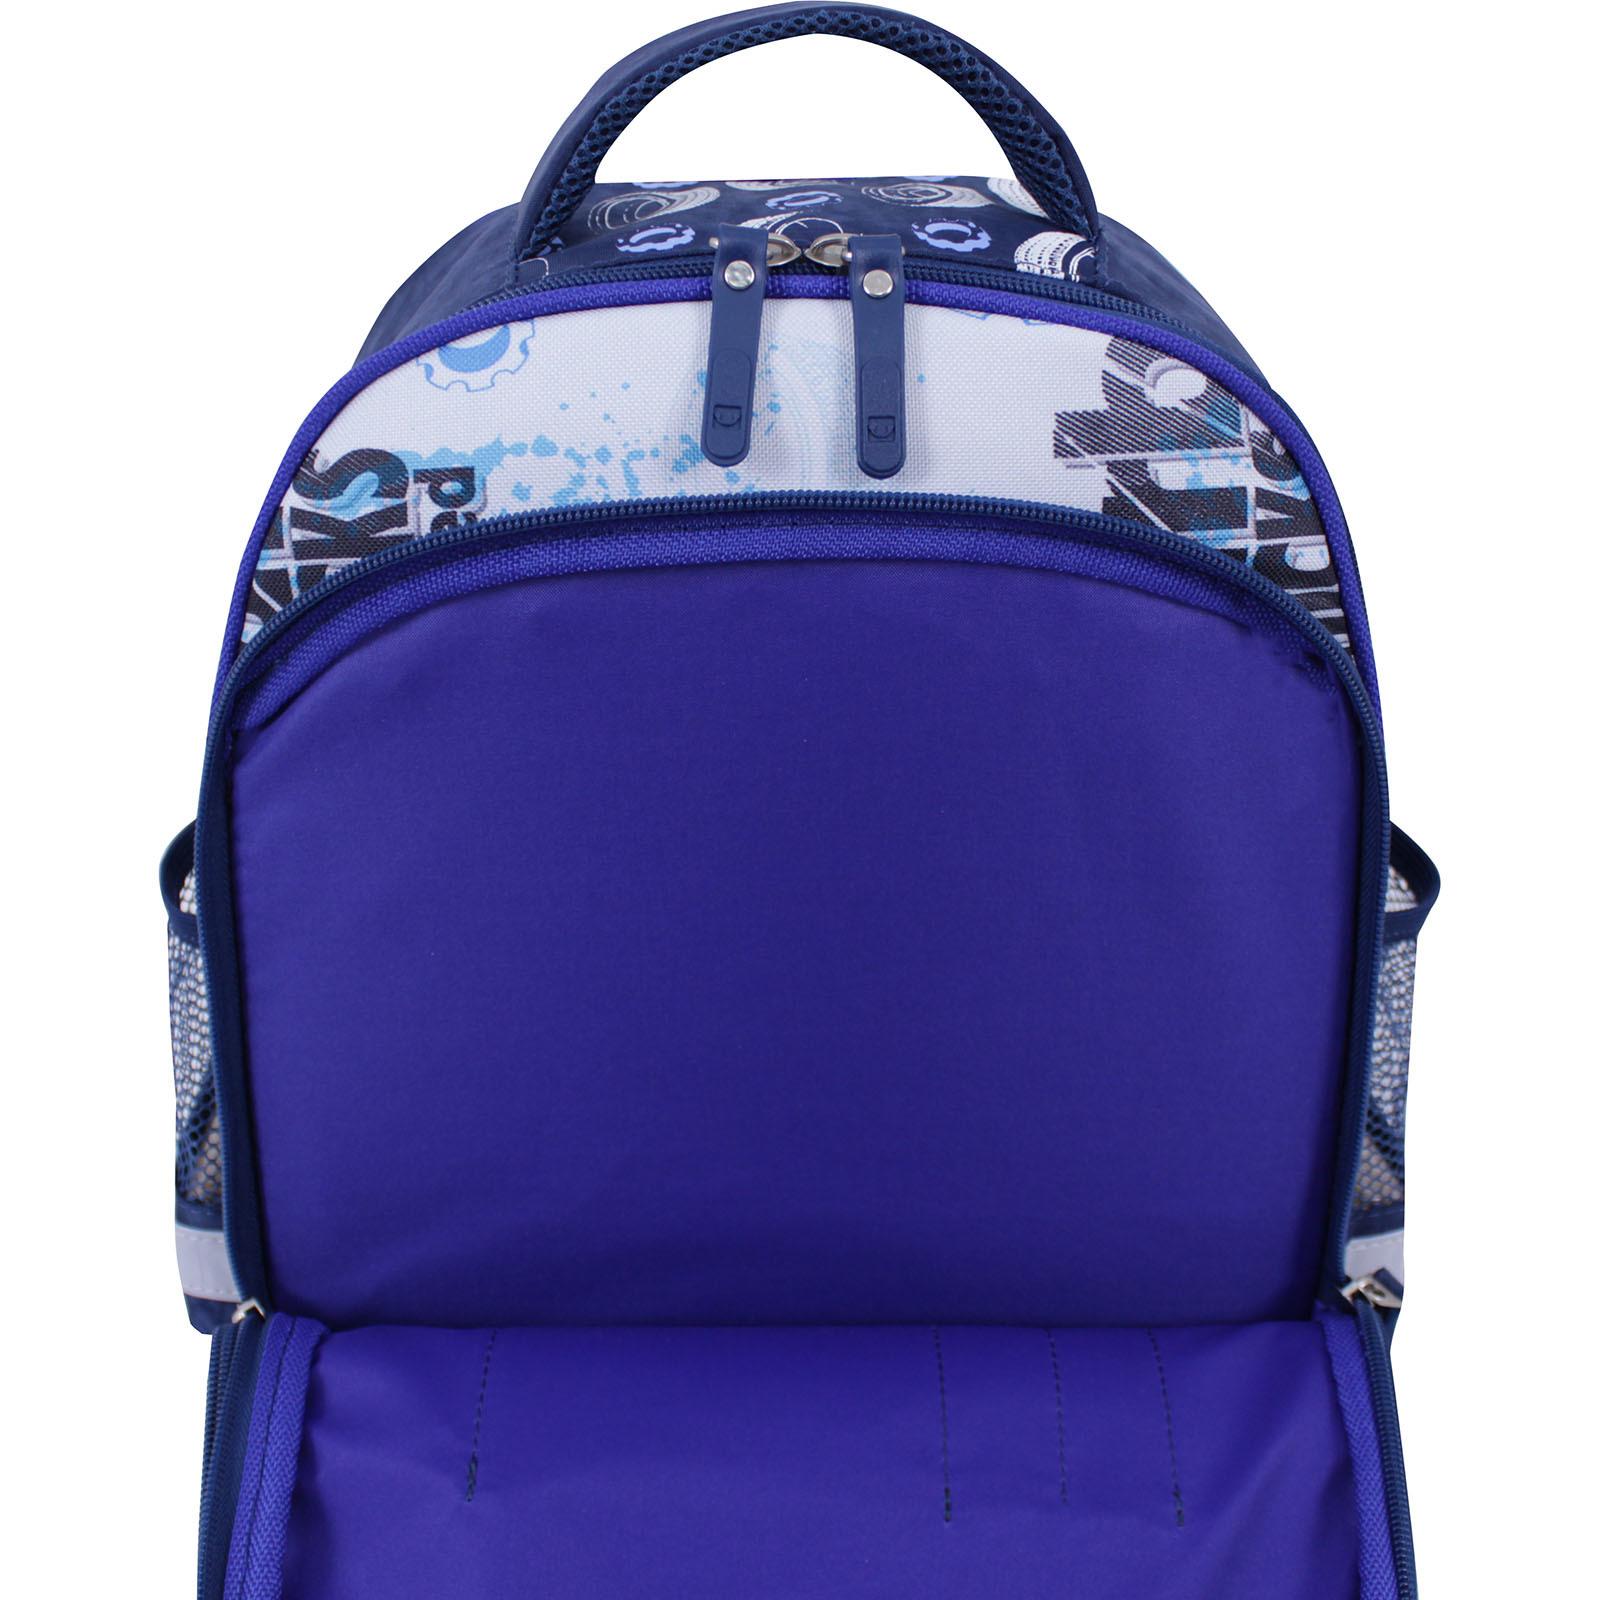 Рюкзак школьный Bagland Mouse 225 синий 551 (0051370) фото 4